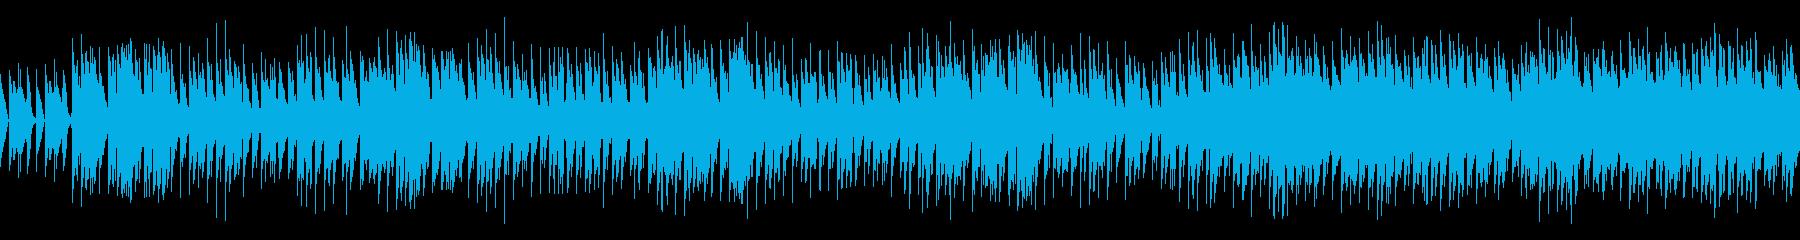 機械的な懐かしい80年代風テクノポップの再生済みの波形